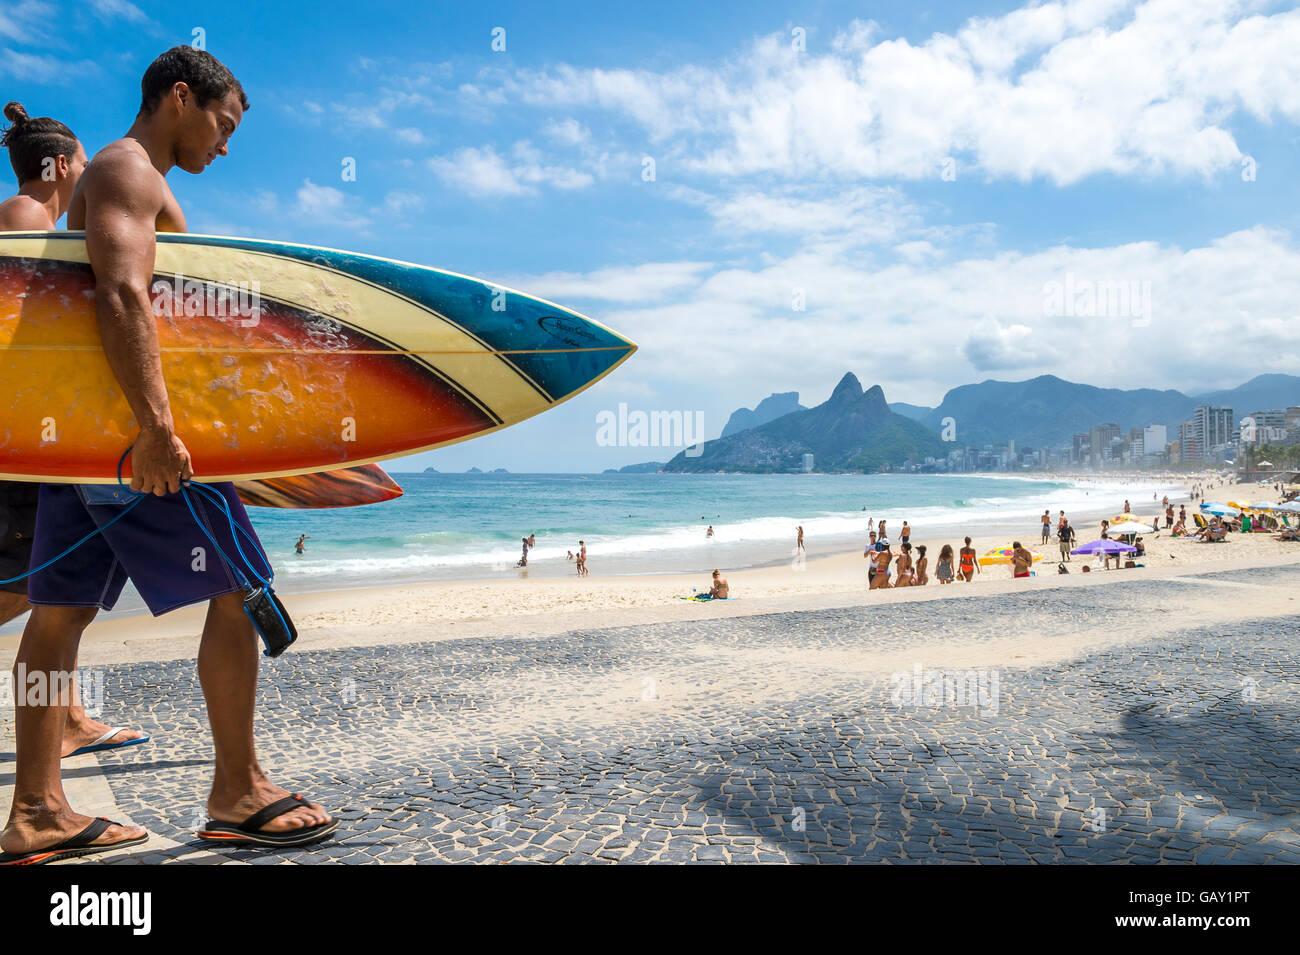 RIO DE JANEIRO - 3. April 2016: Junge Carioca brasilianisches Ehepaar geht mit Surfbrettern Arpoador, der beliebte Stockbild